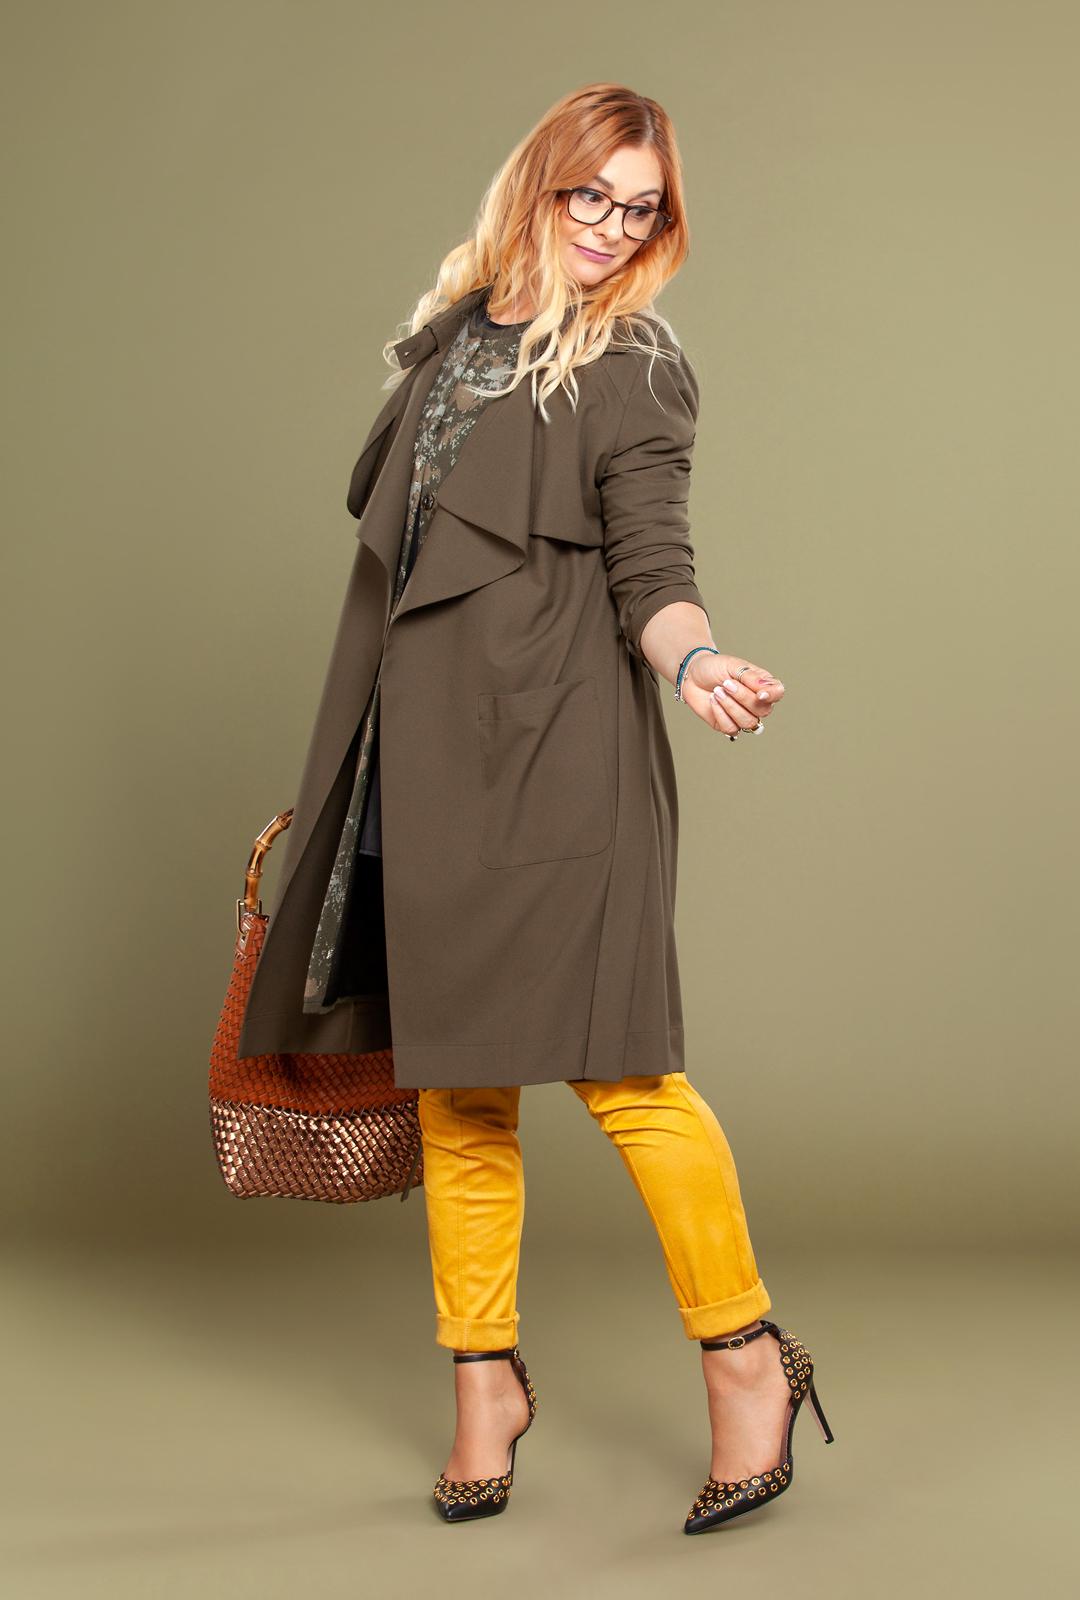 Channel 21, modischer Look mit Trenchcoat und Valentino Schuhe